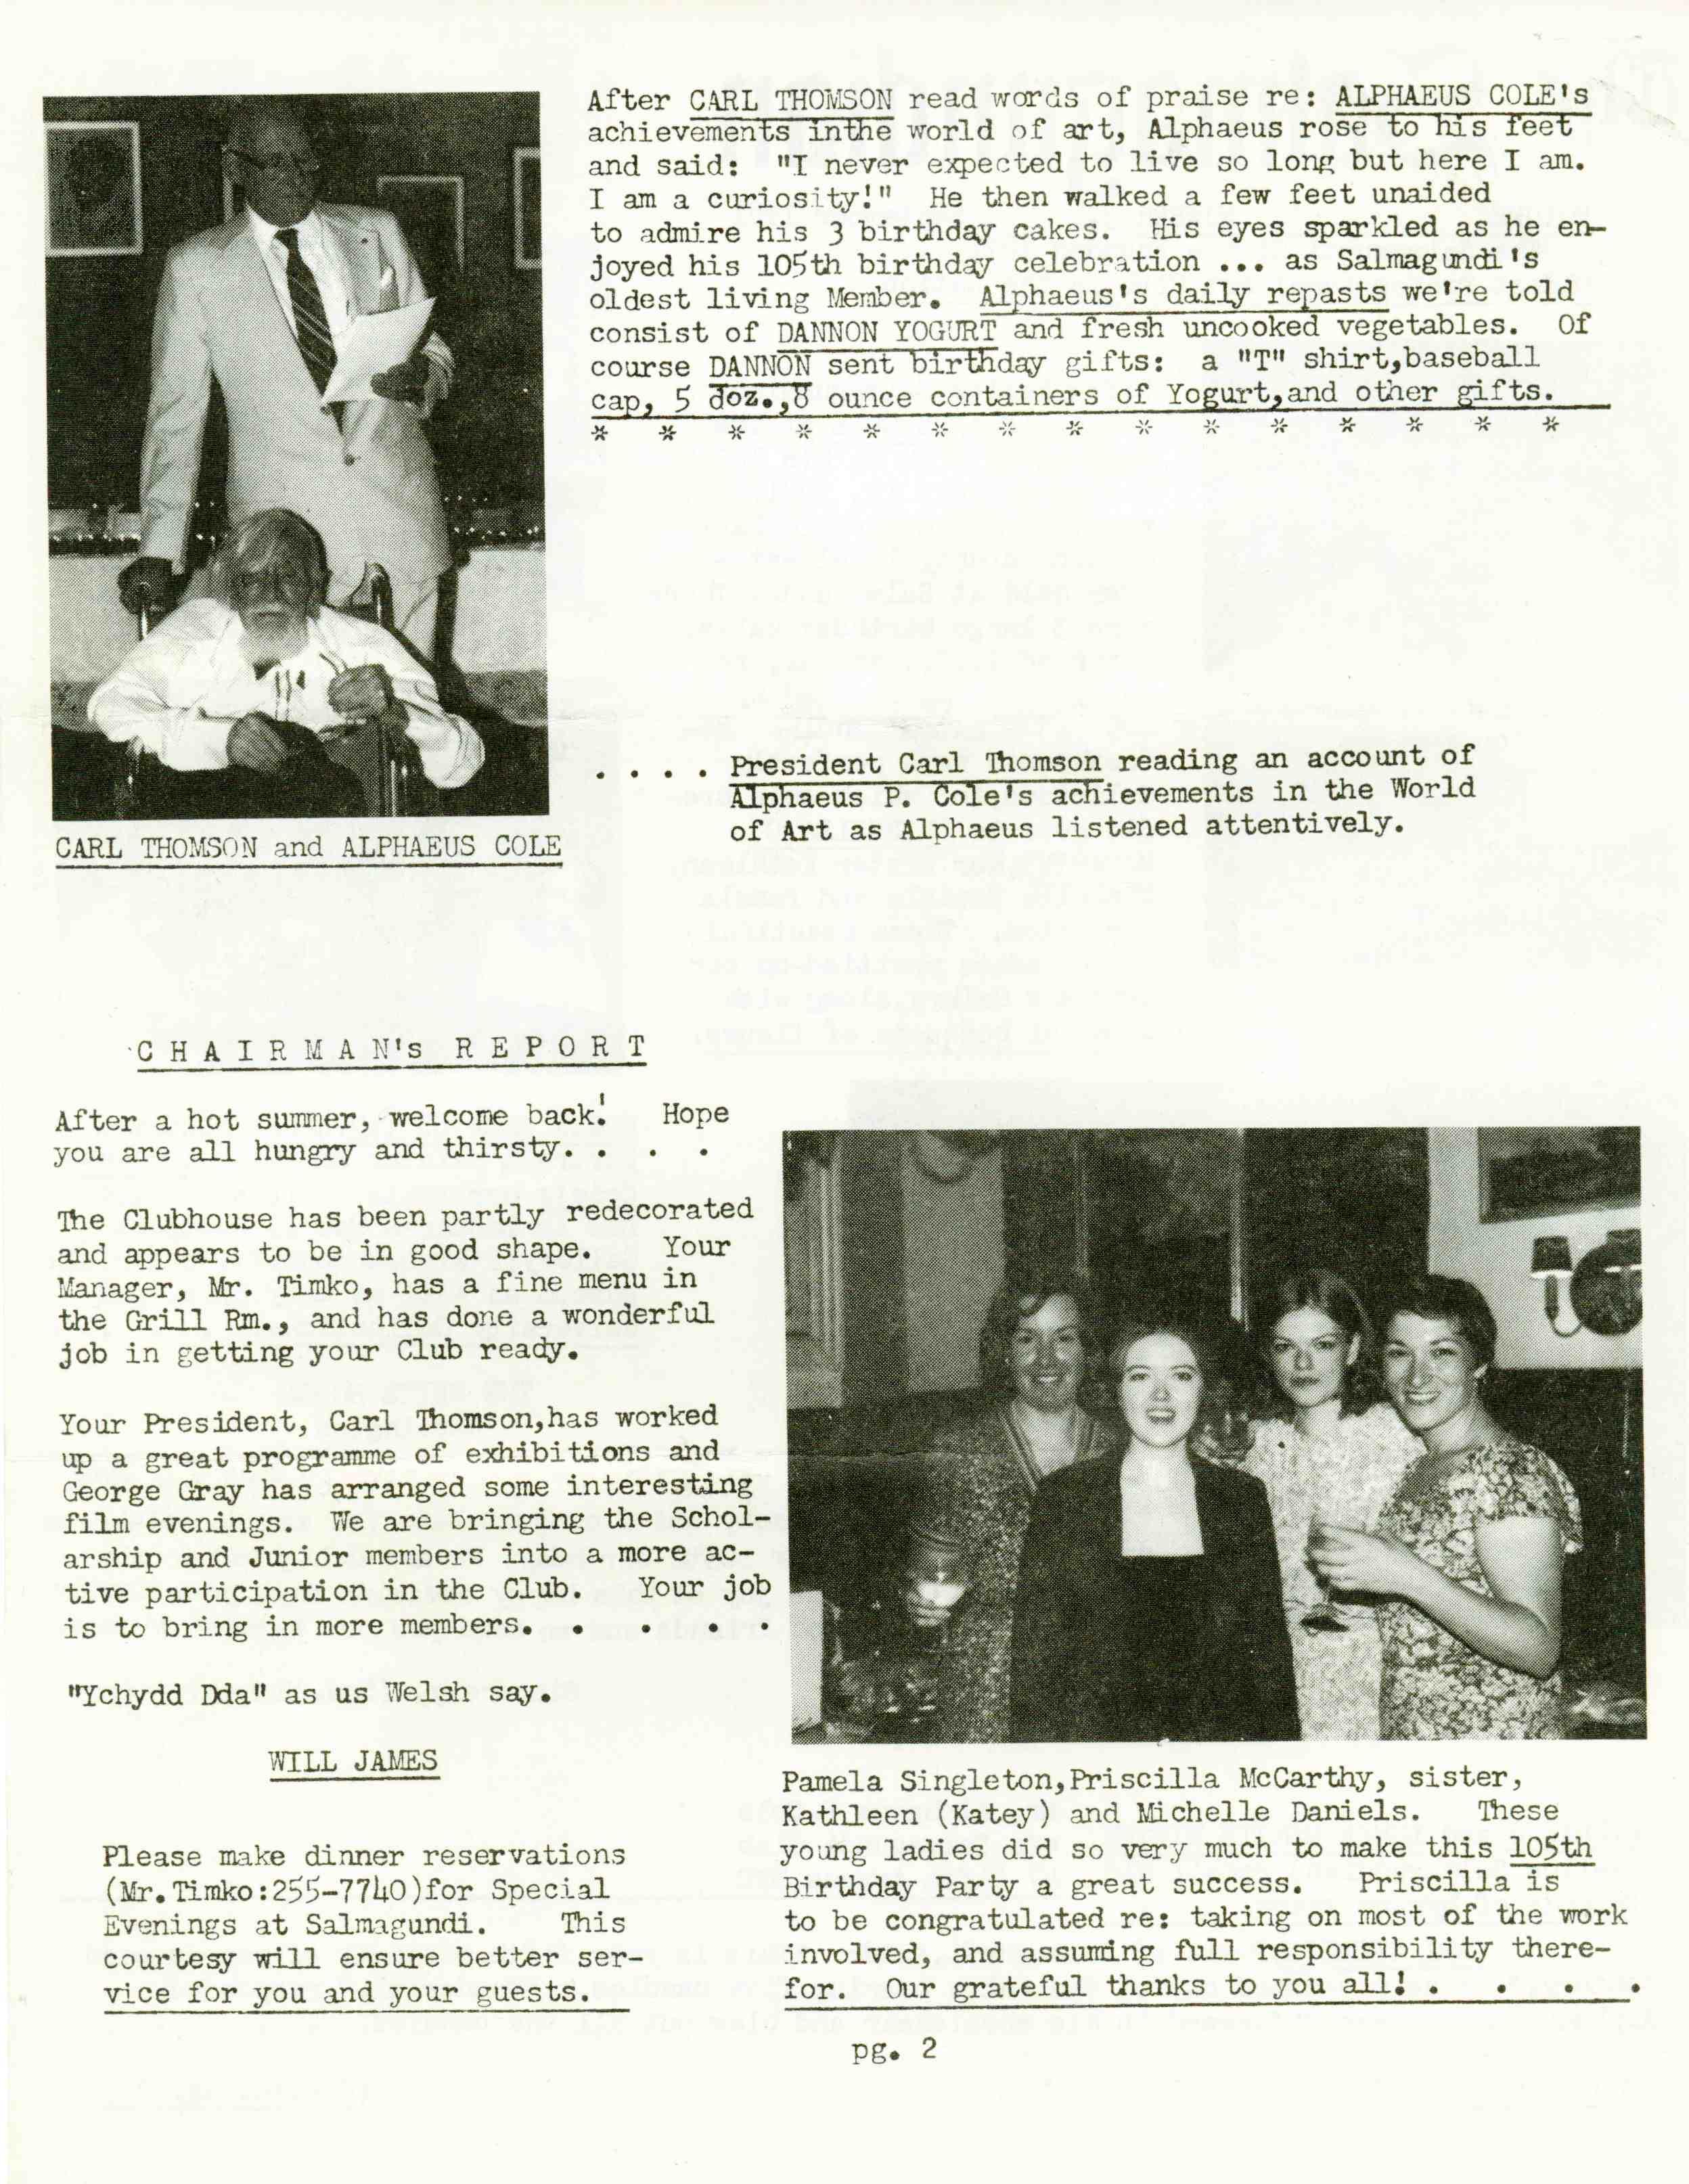 The Salmagundian September 1981 • Volume 3 Number 3 The Salmagundian